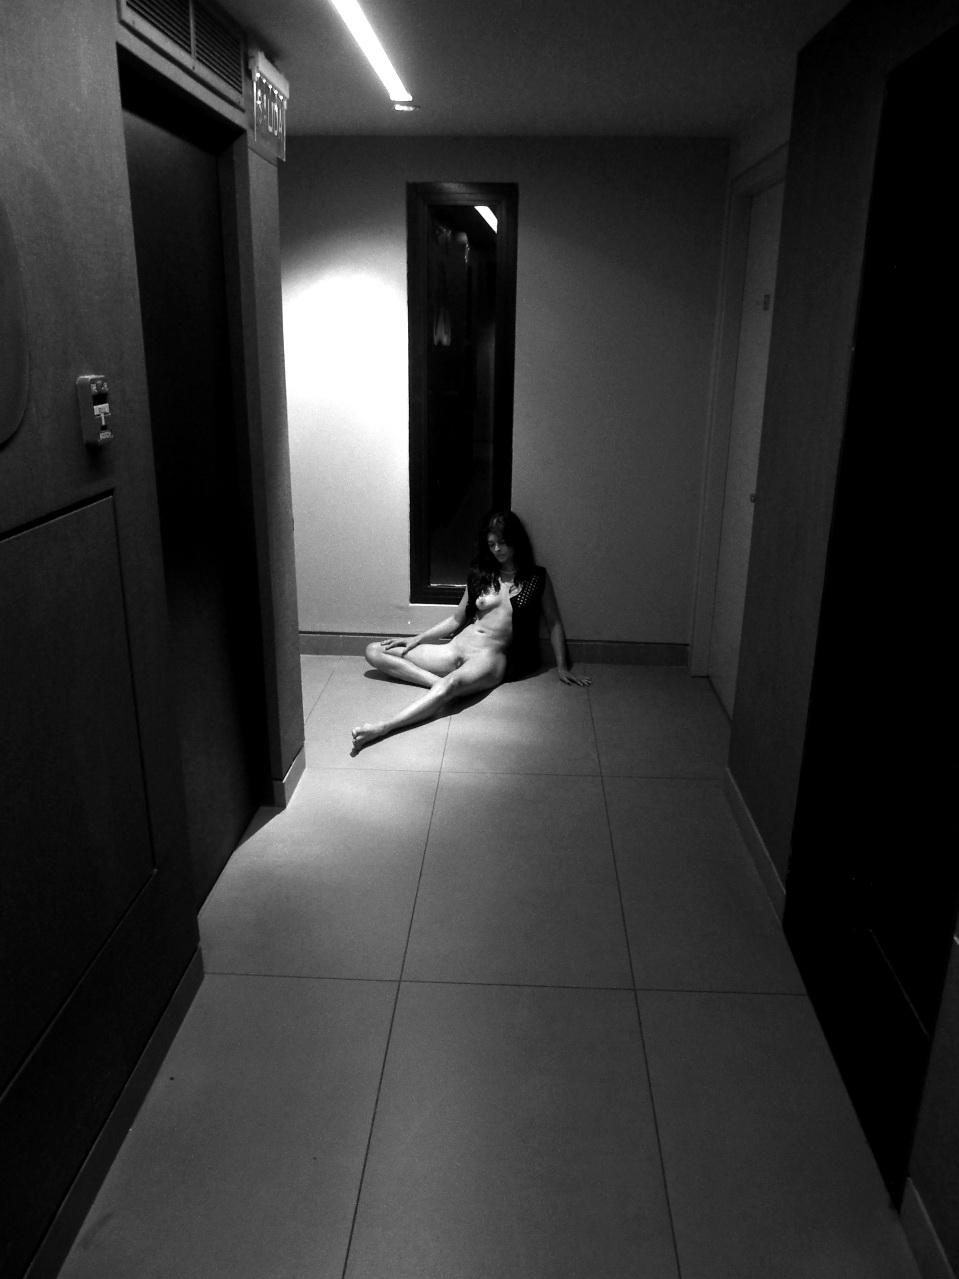 AMILCAR MORETTI. Modelo: Rawina Prieto. Viernes 18 de setiembre del 2015. Pasillos del quinti piso del Hotel Babel Suites de San Telmo, de Buenos Aires. Argentina.